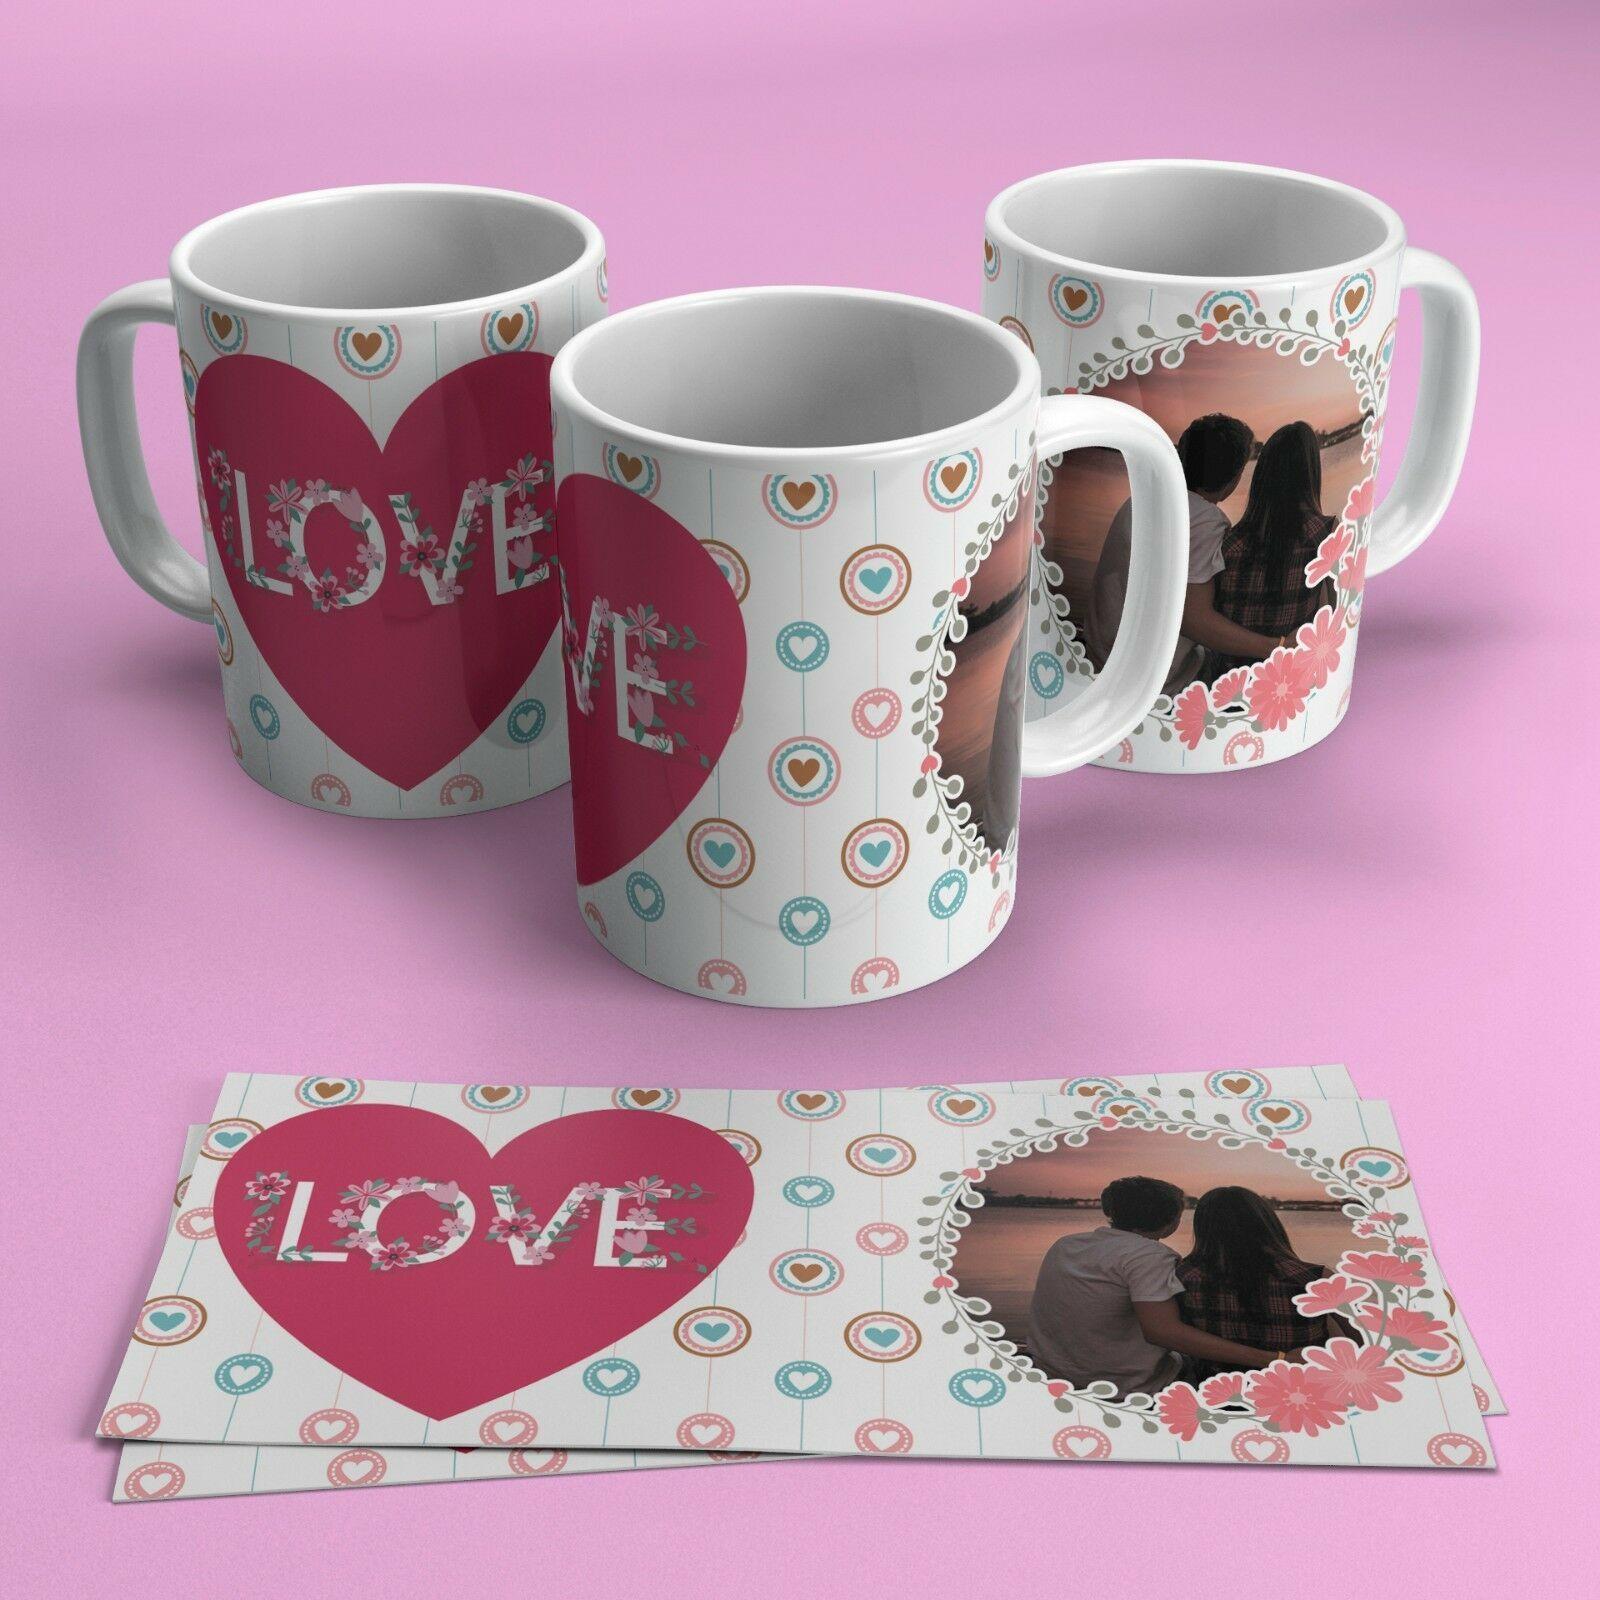 Personalised valentines day gift amazing wife husband mug